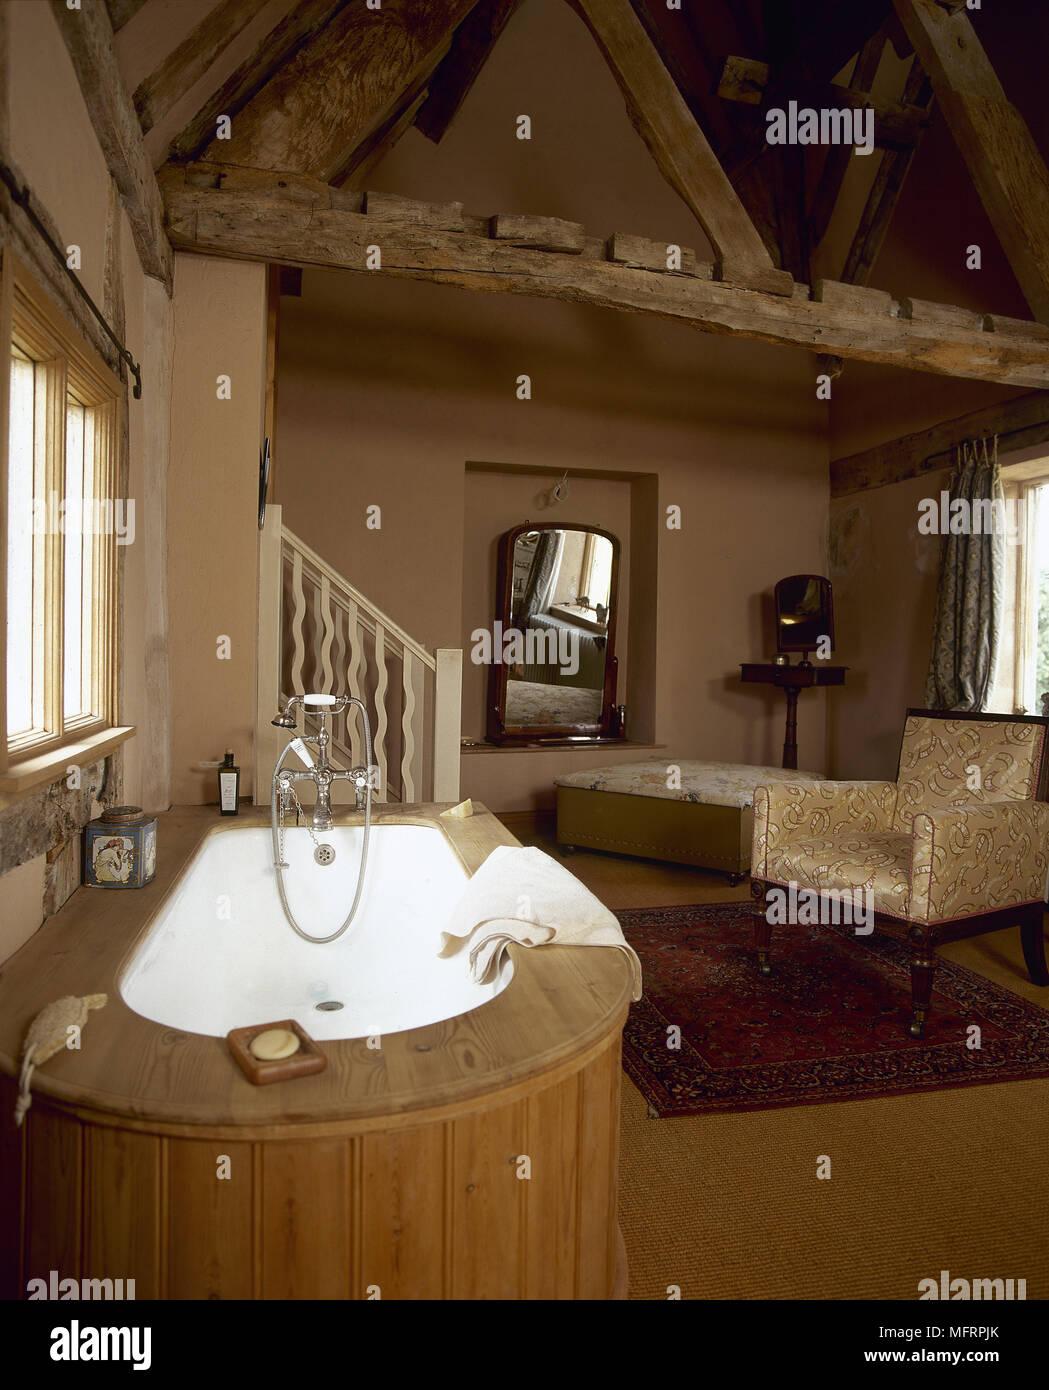 Foto Bagni Stile Country stile country bagno in cotto con soffitto con travi a vista